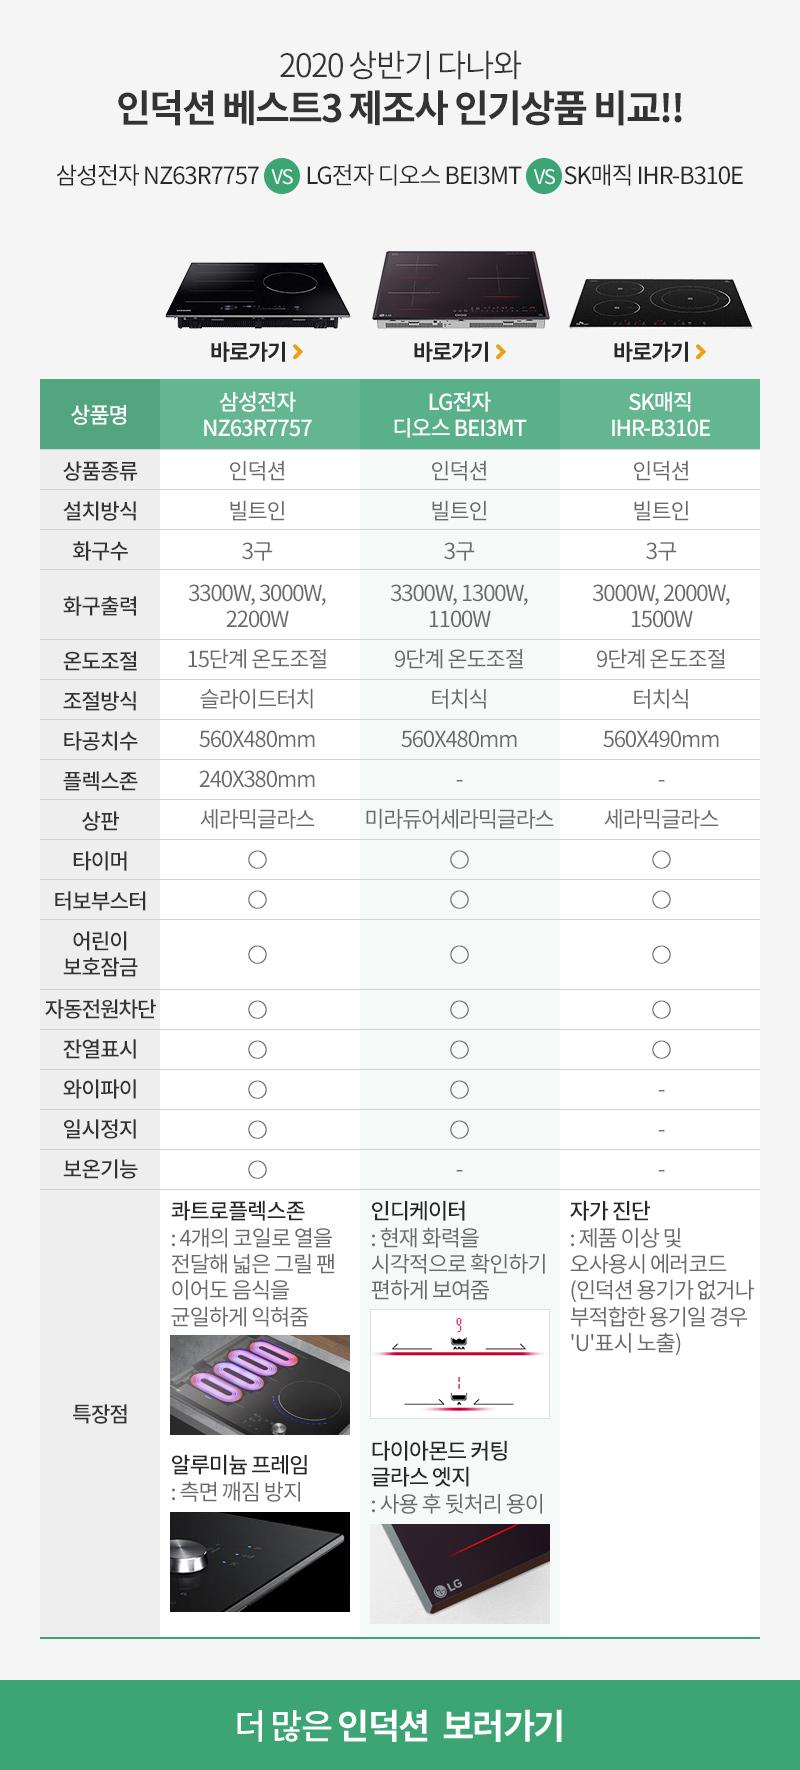 2020 상반기 다나와 인덕션 베스트3 제조사 인기상품 비교!!